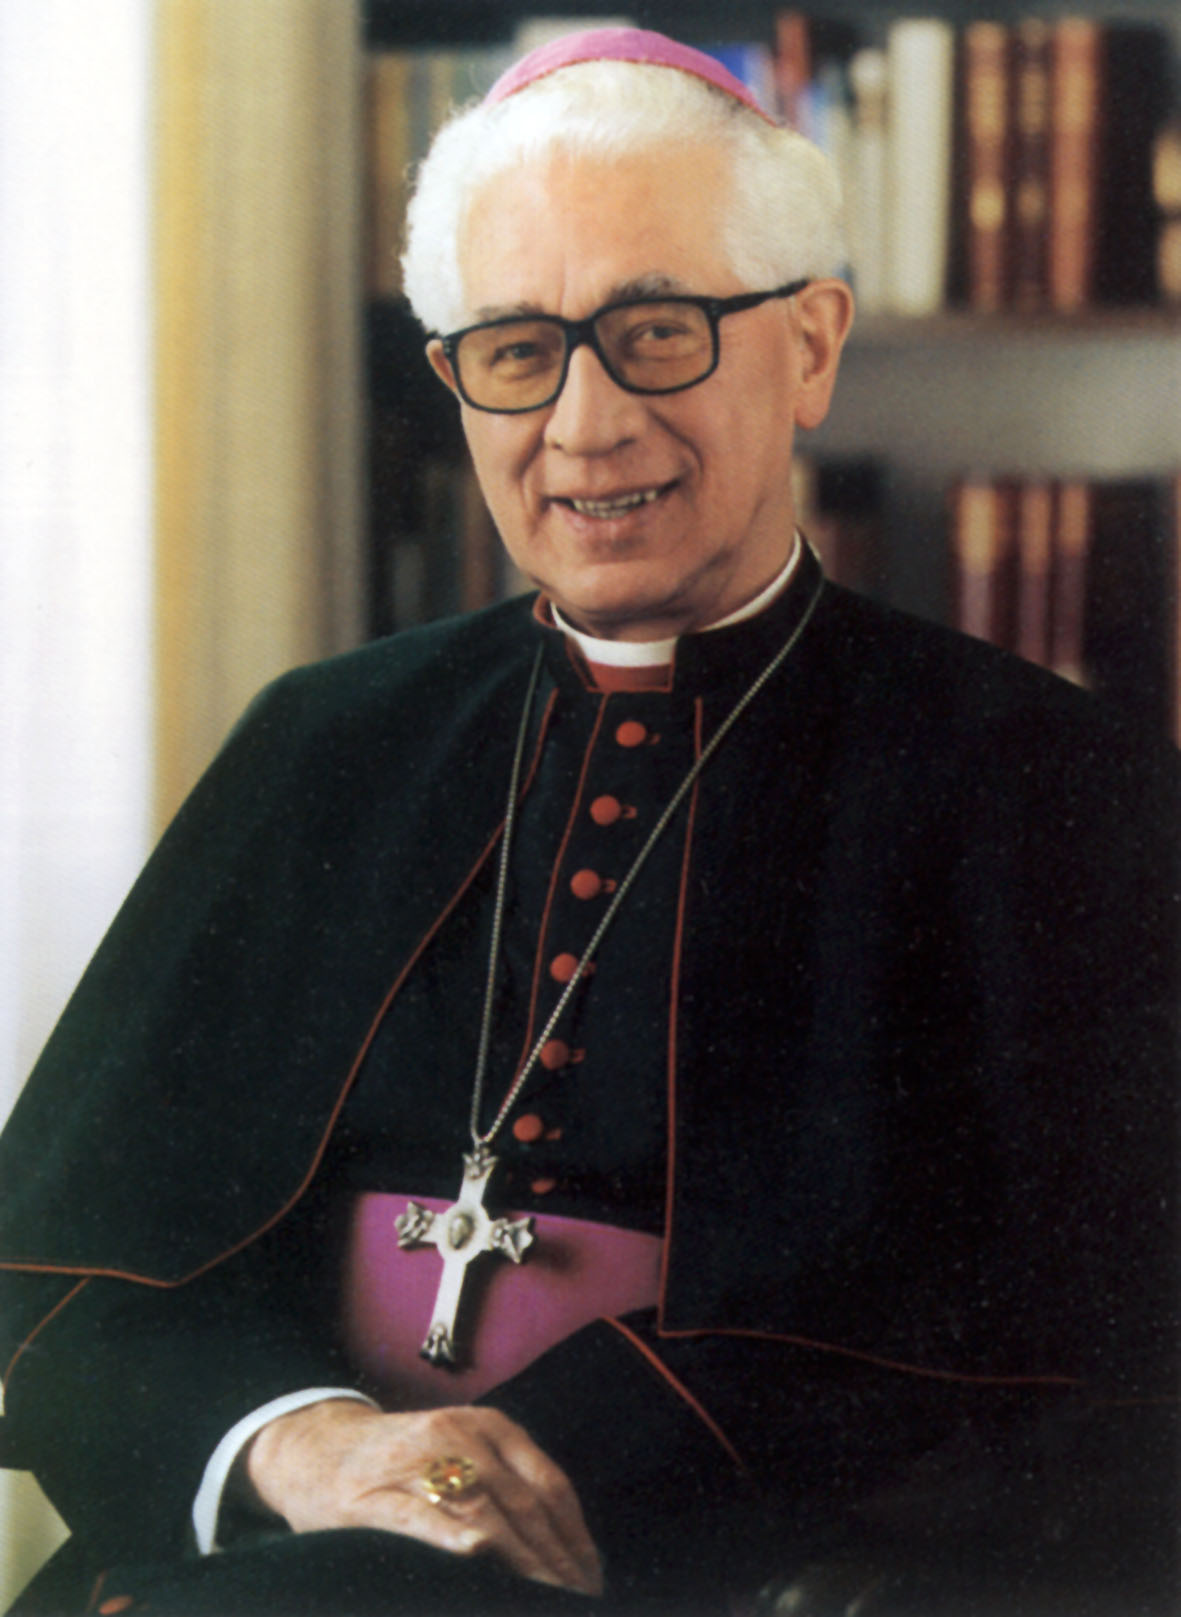 Foto von Bischof Josef Homeyer